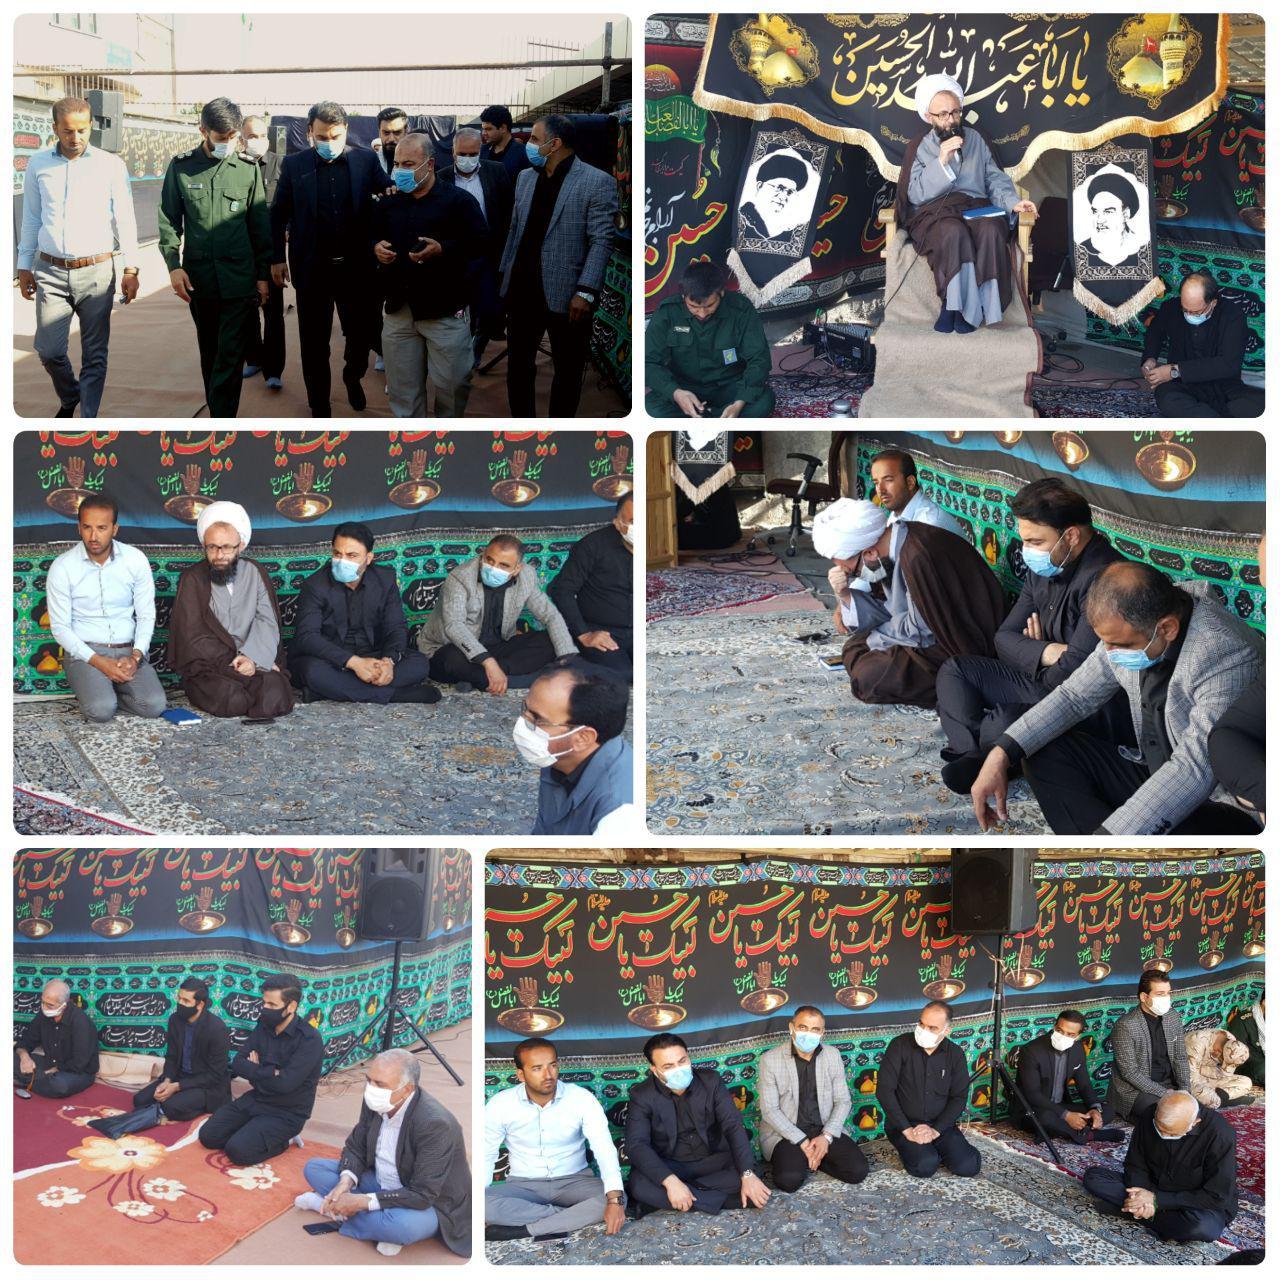 برگزاری مراسم سوگواری ماه محرم در سپاه شهر پرند